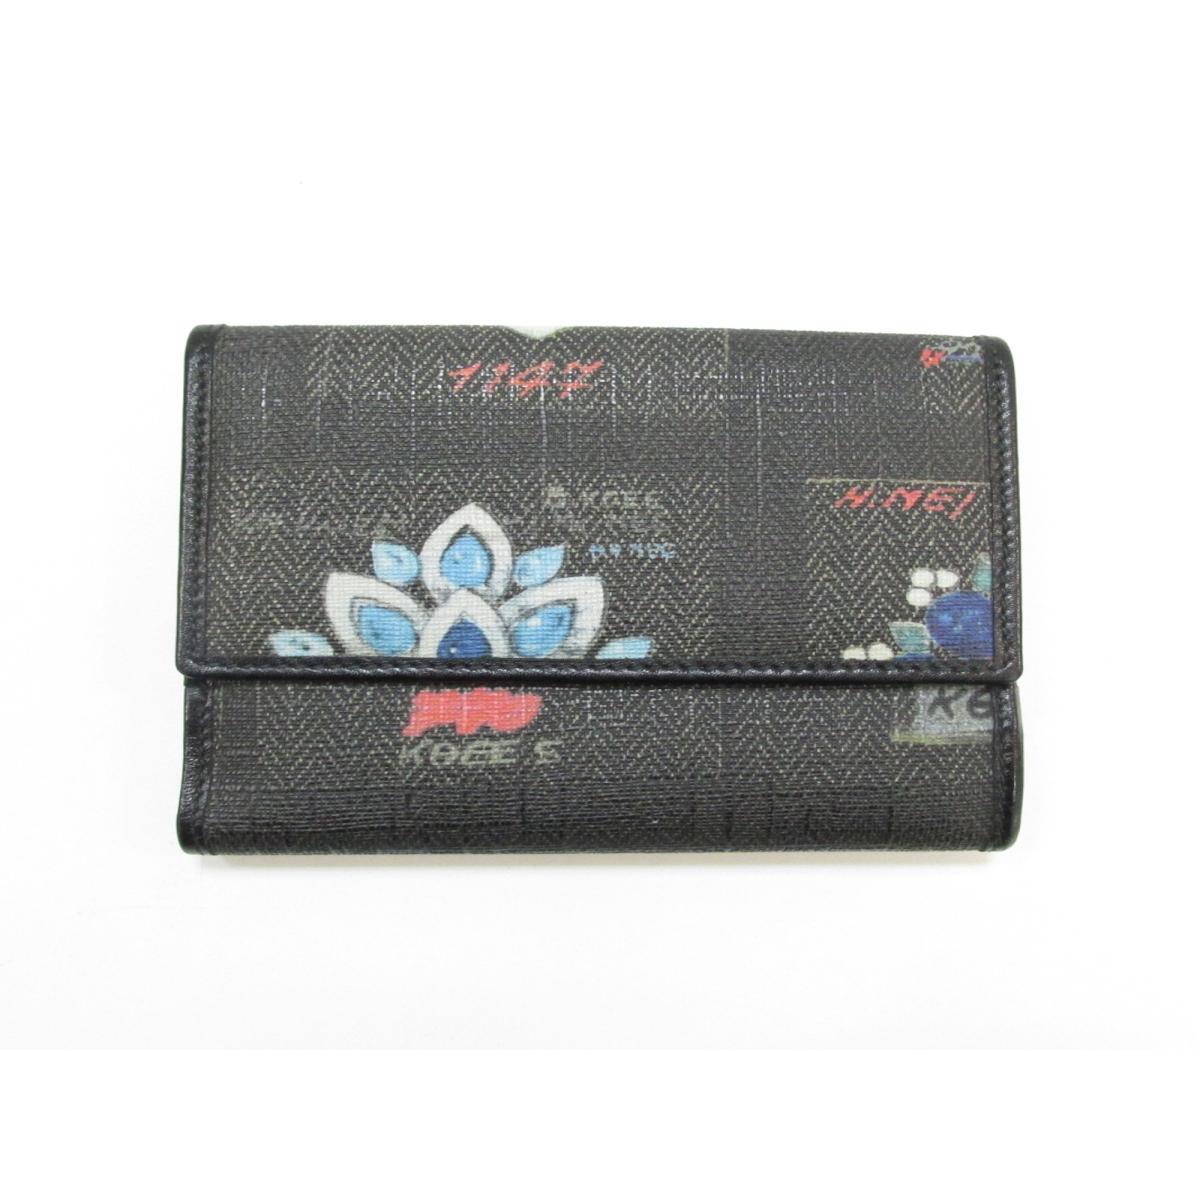 【中古】ブルガリ Wホック財布 二つ折り財布 財布 ユニセックス 塩化ビニールコーティング×レザー ブラック×ブルー×ホワイト×レッド